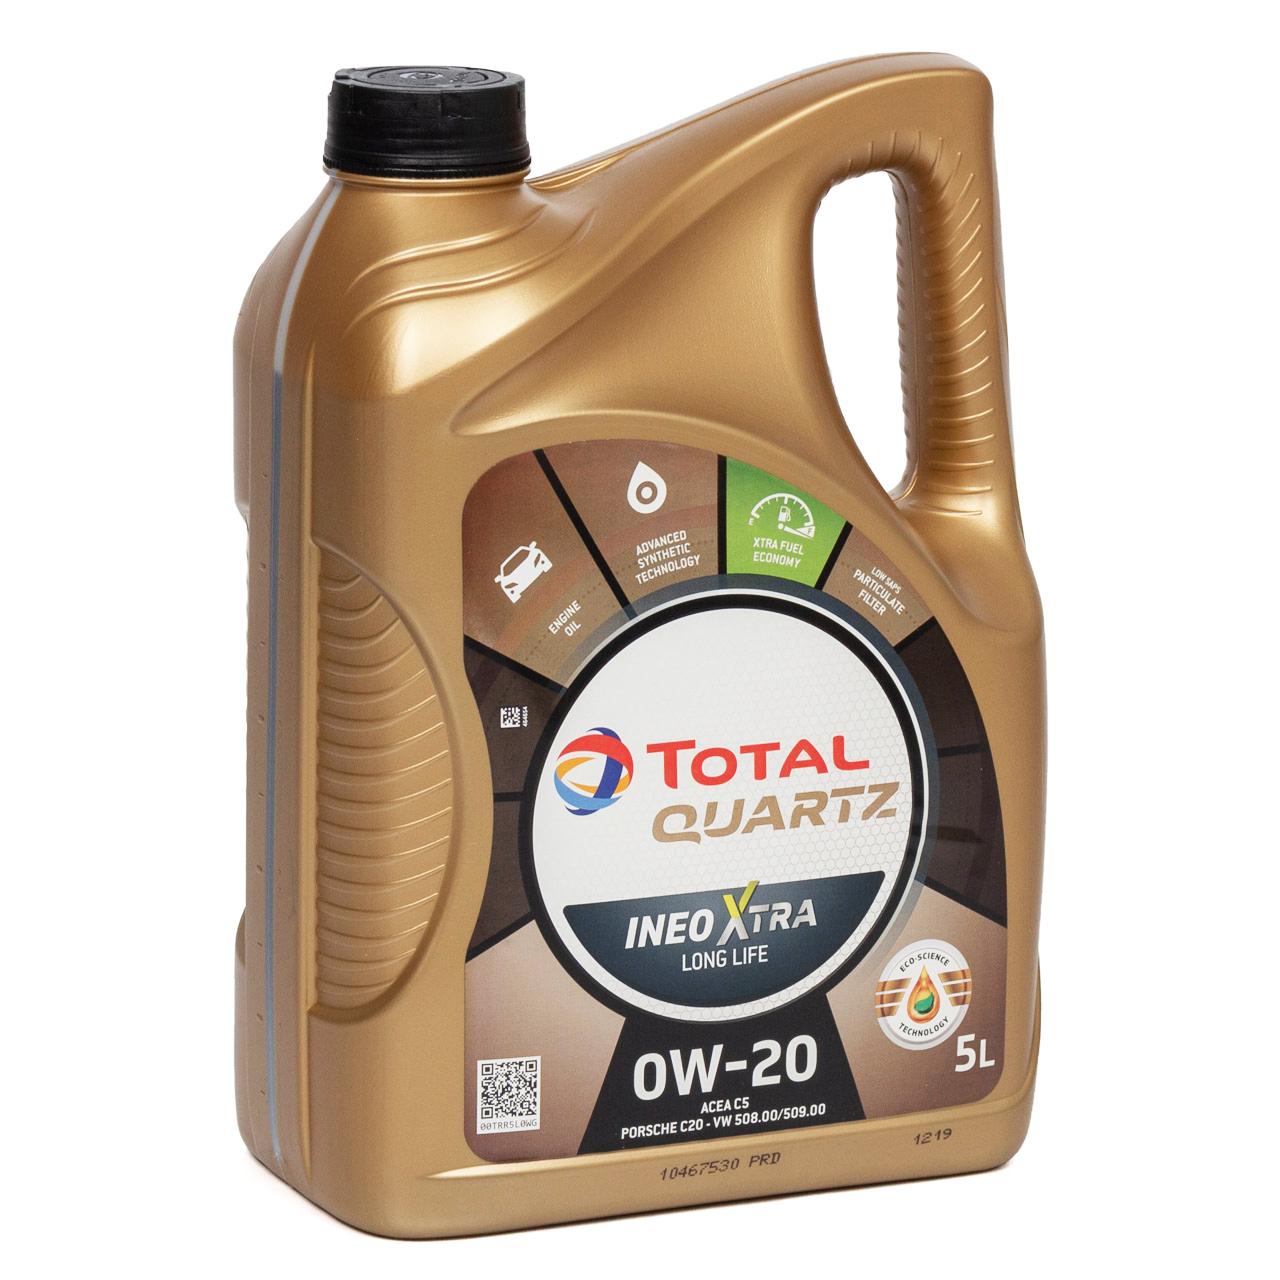 TOTAL Motoröl Öl QUARTZ INEO XTRA LONGLIFE 0W-20 0W20 VW 508/509.00 - 5L 5 Liter